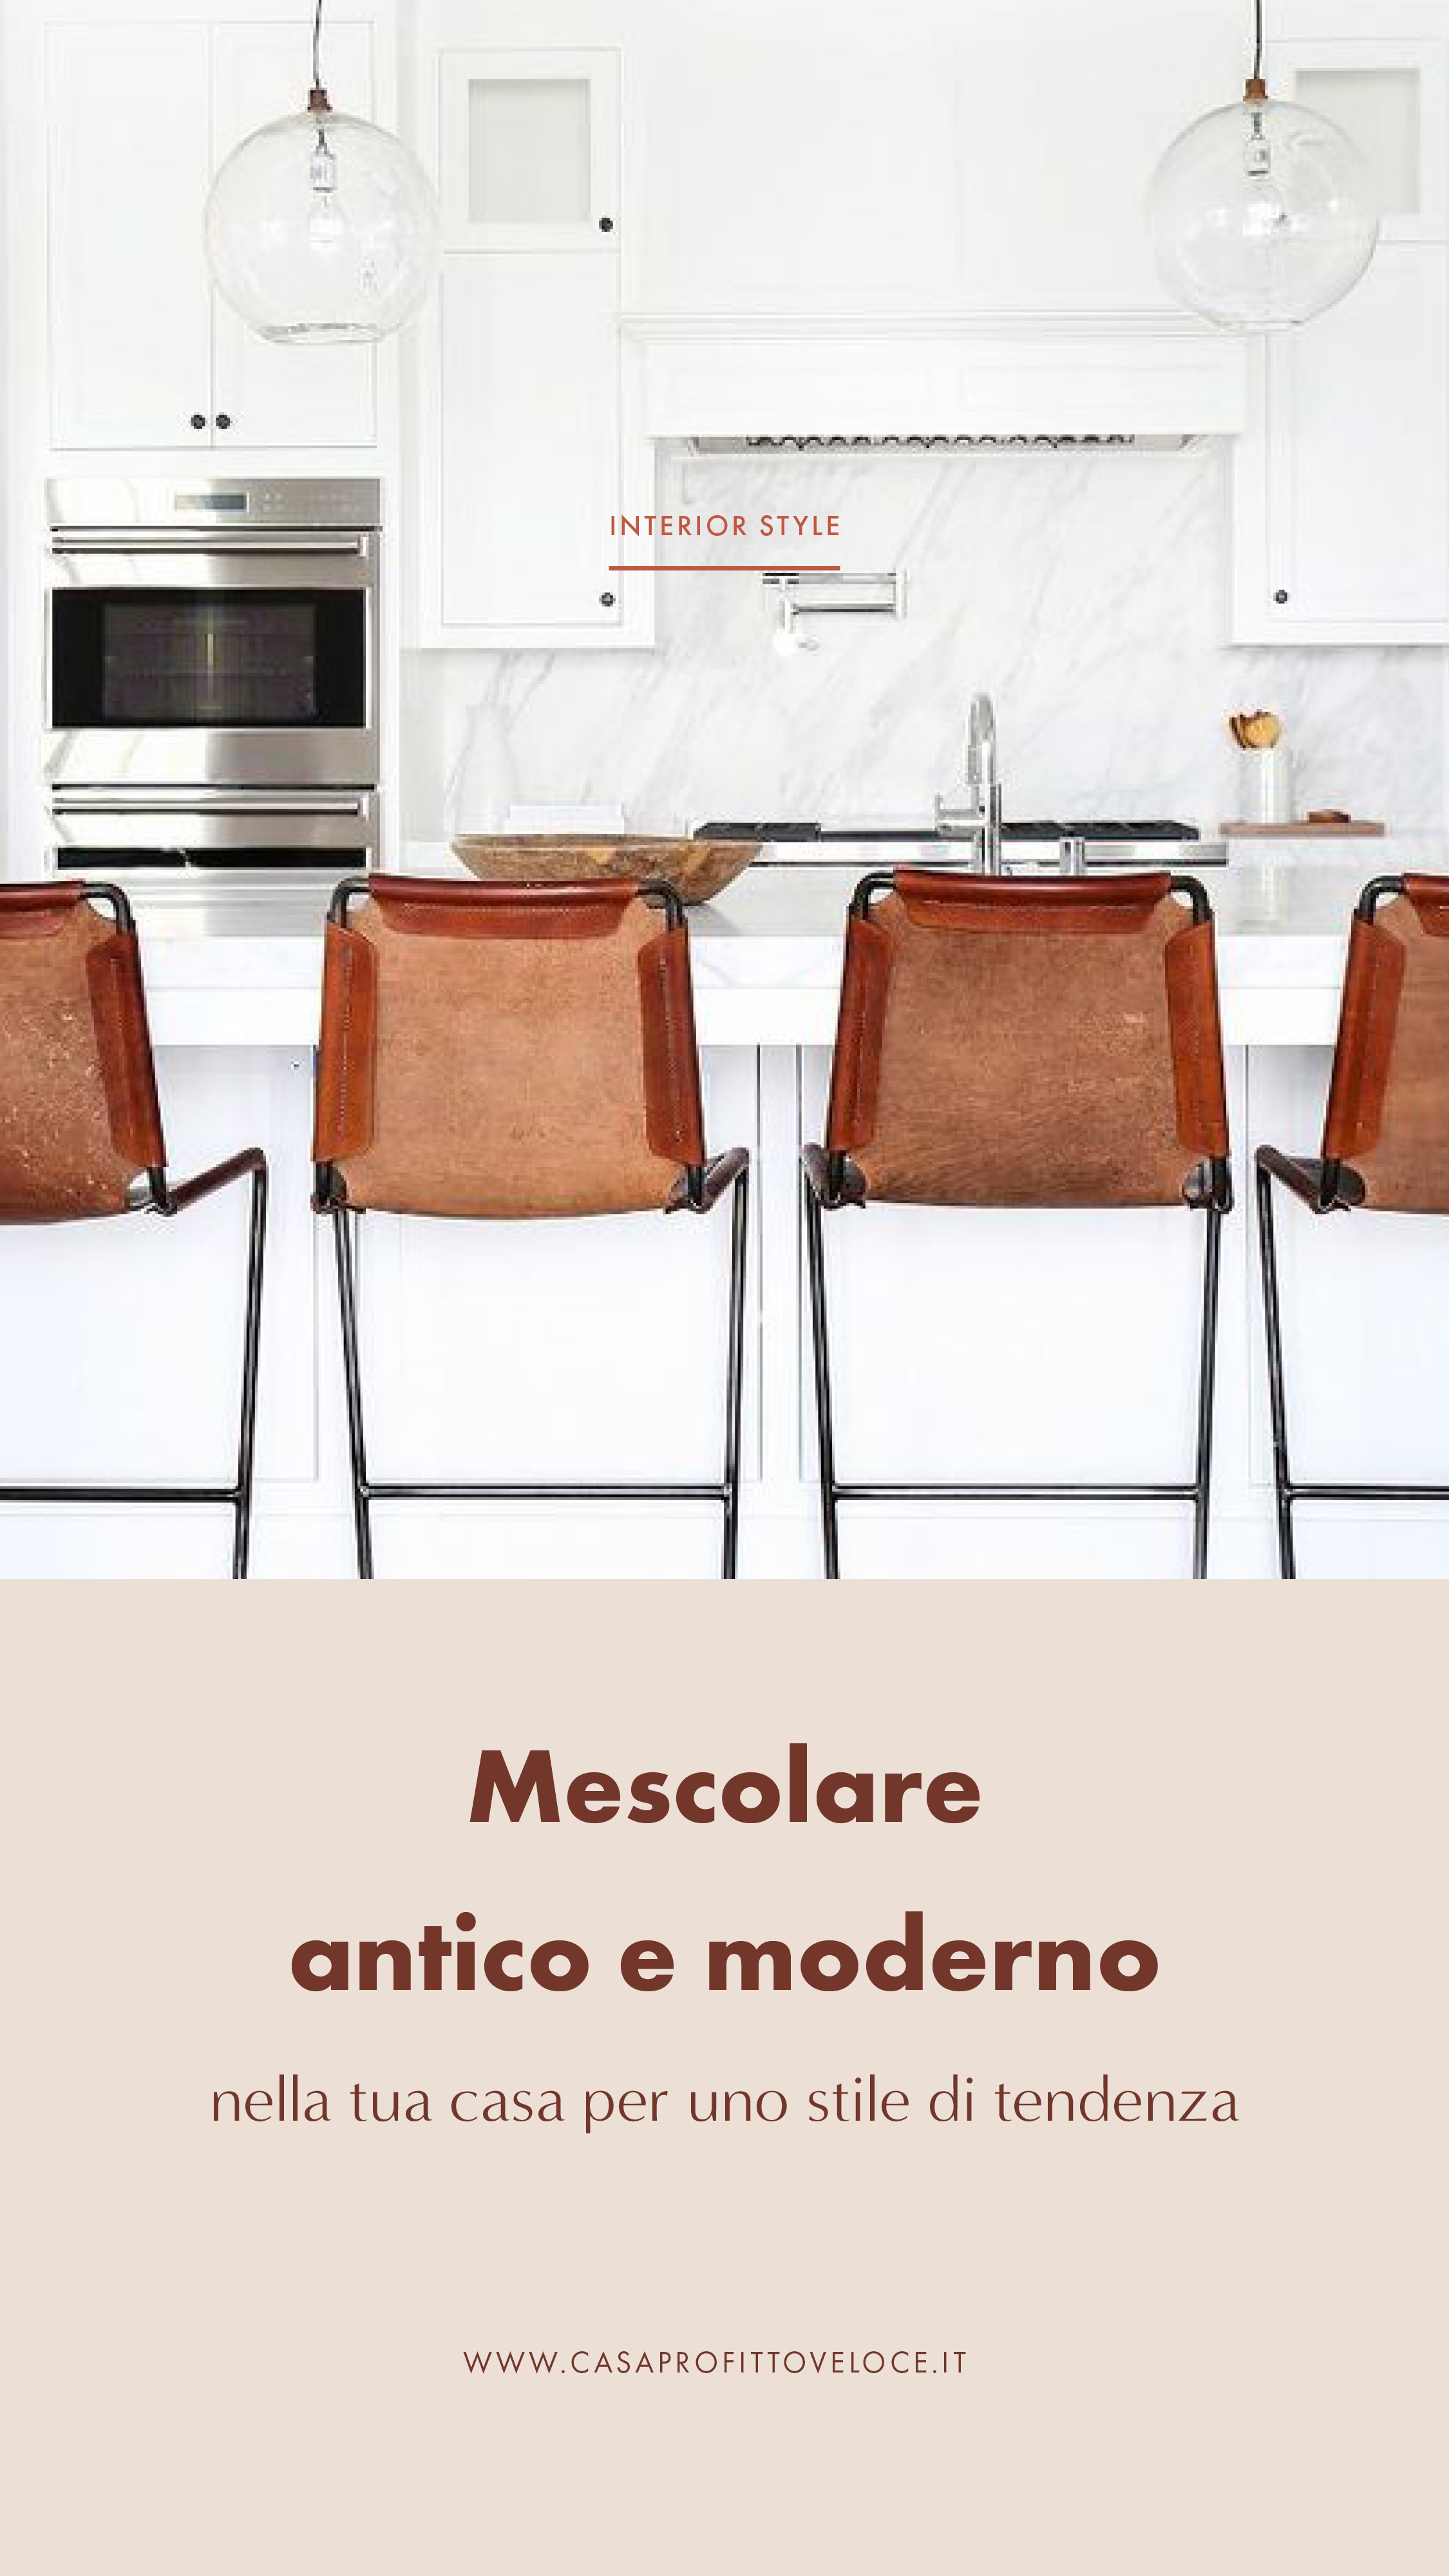 Arredamento Moderno E Vintage.Mescolare Antico E Moderno Nella Tua Casa Per Uno Stile Di